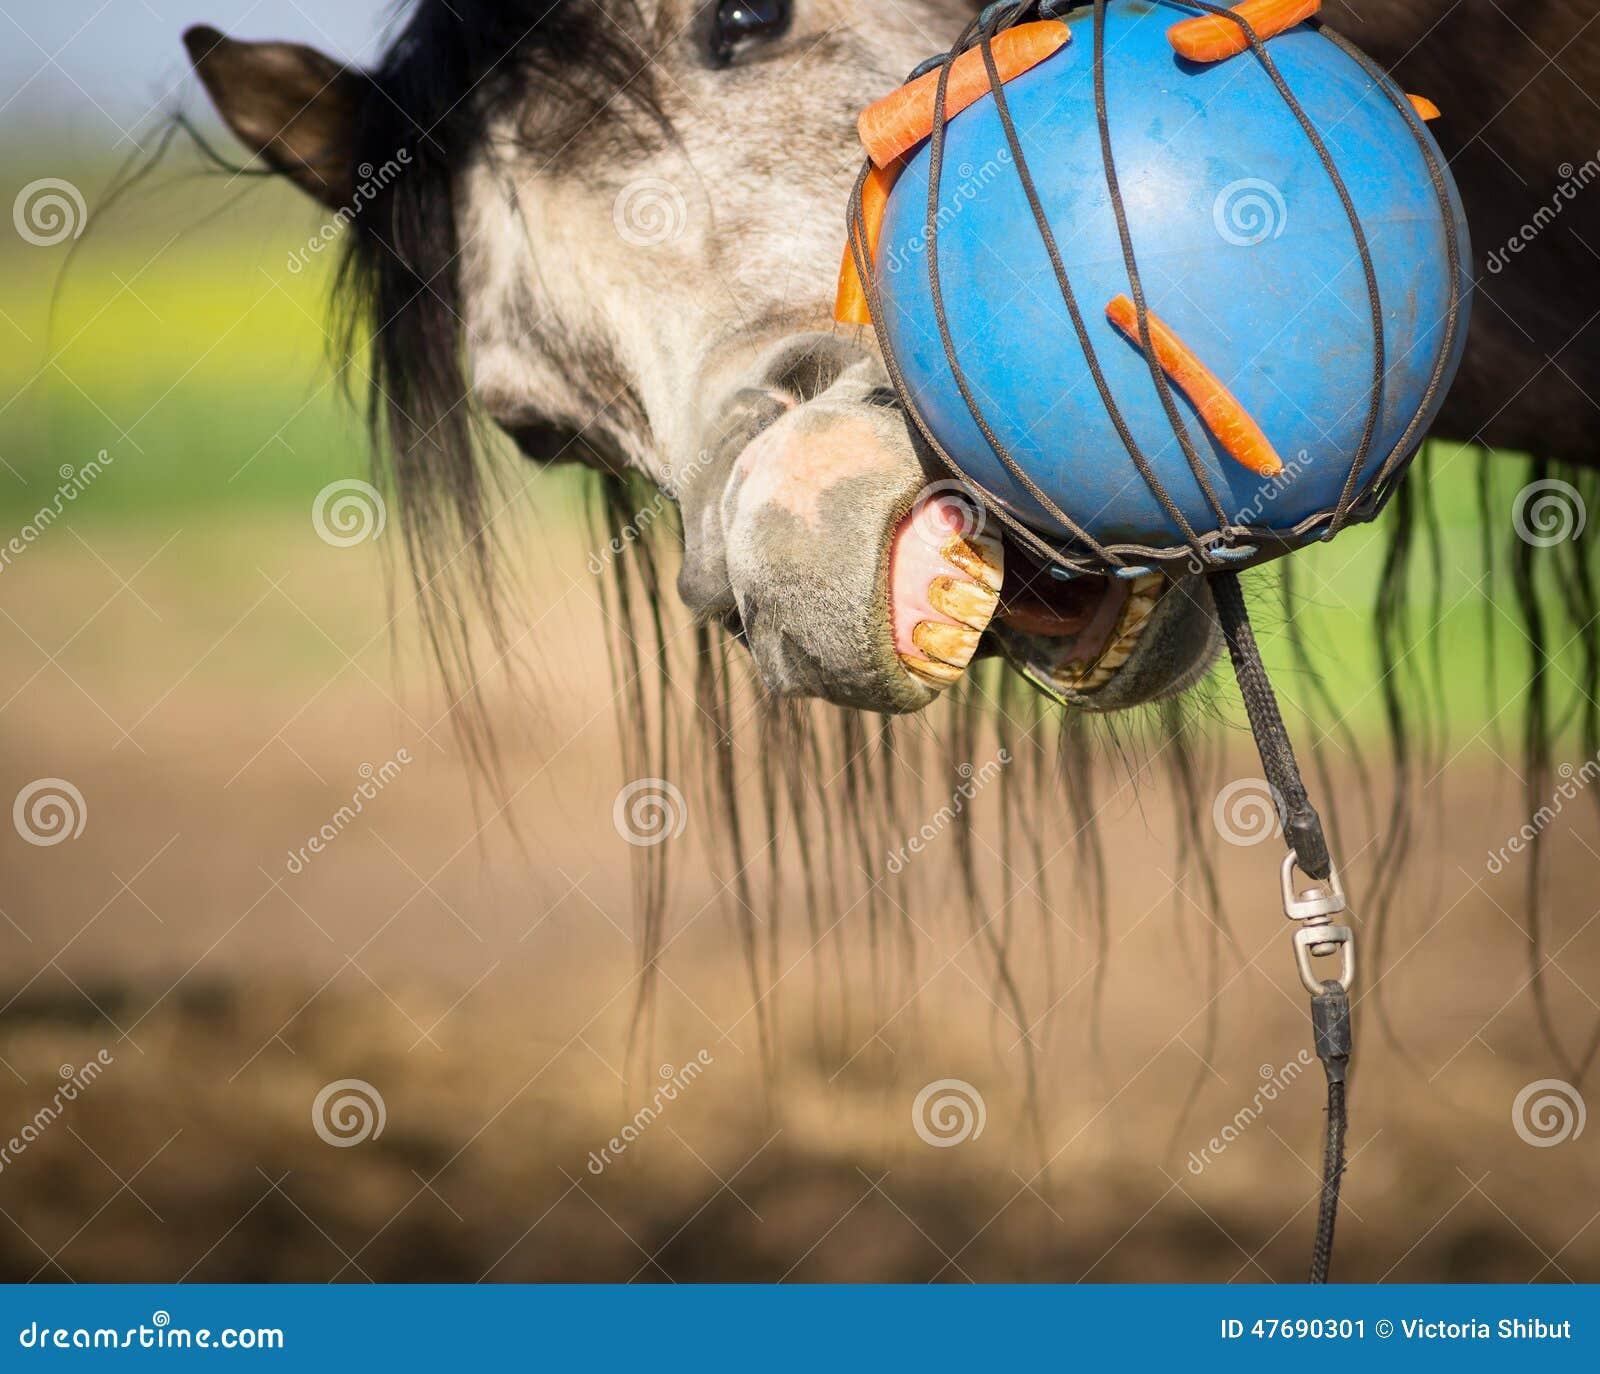 Carotte Bleue dedans le cheval mord la boule bleue avec la carotte image stock - image du